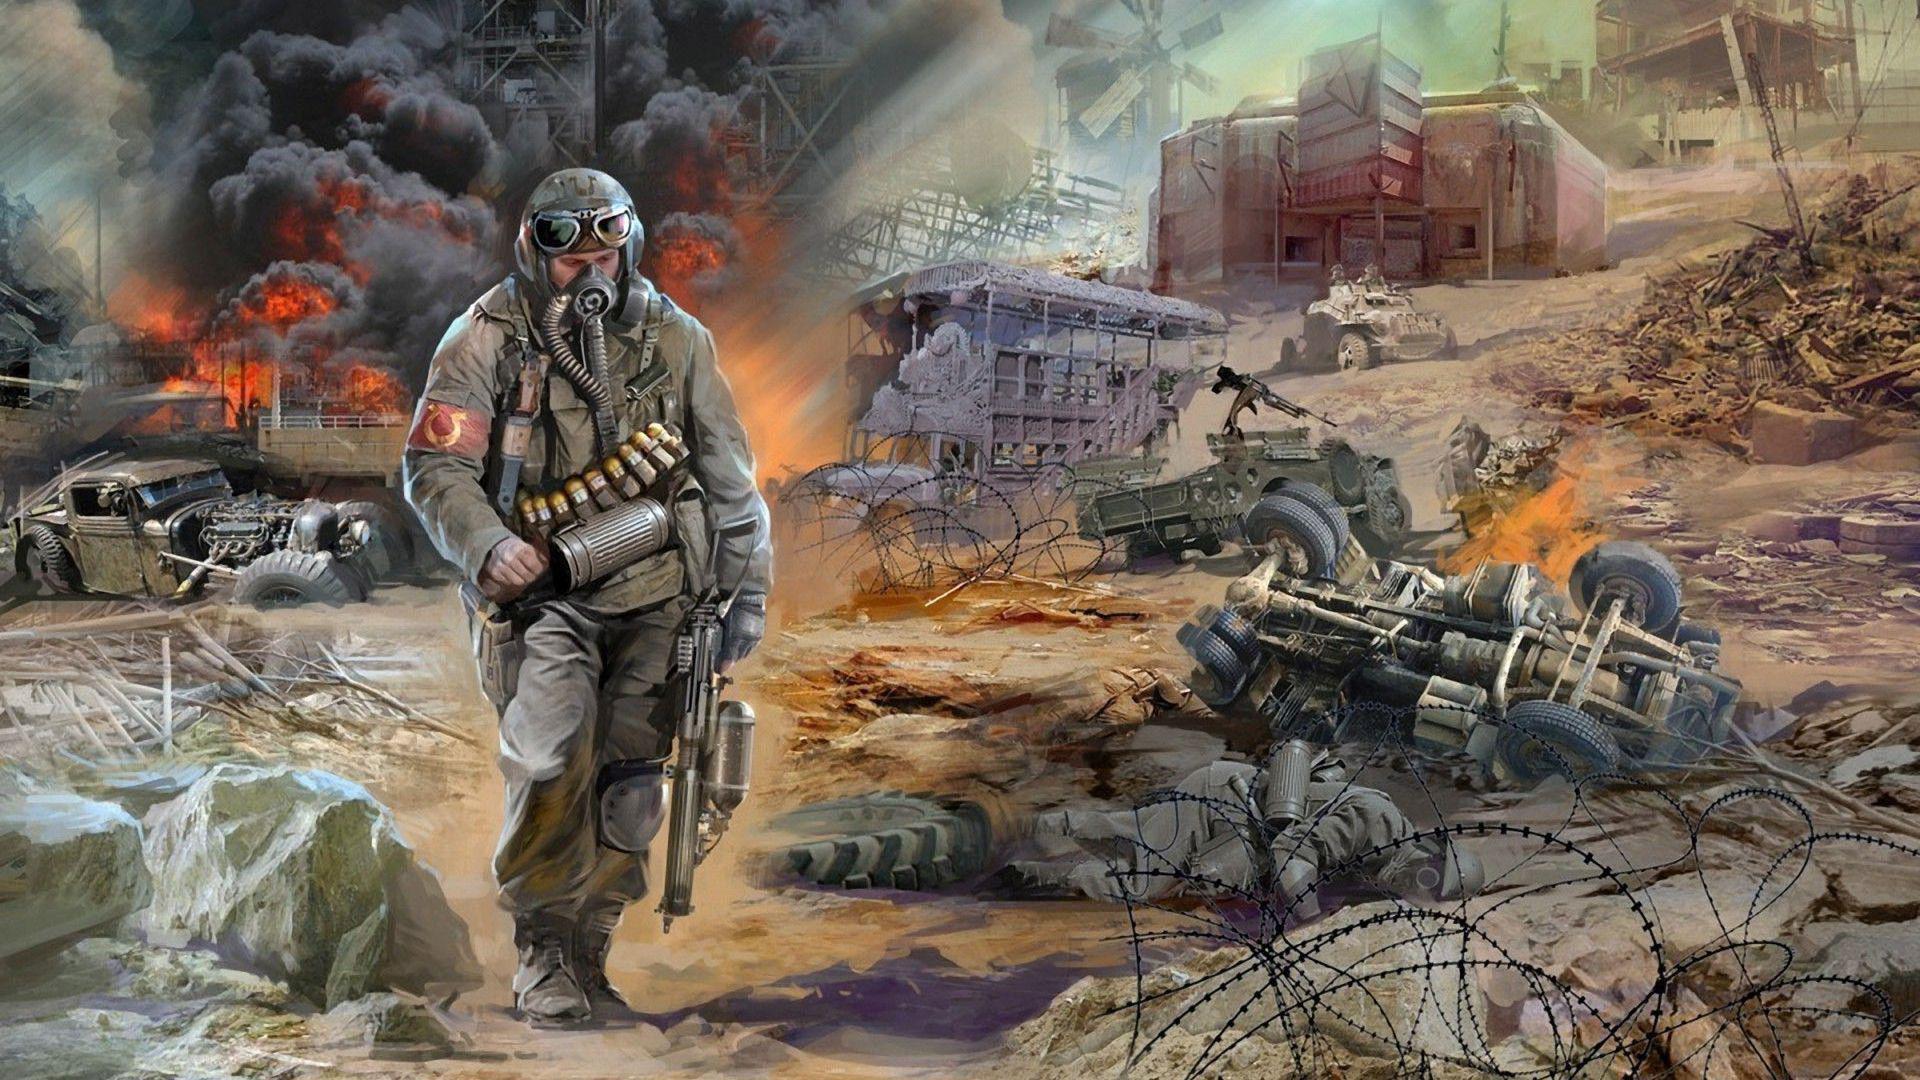 22年前的这场核爆,造就了俄式游戏的巅峰